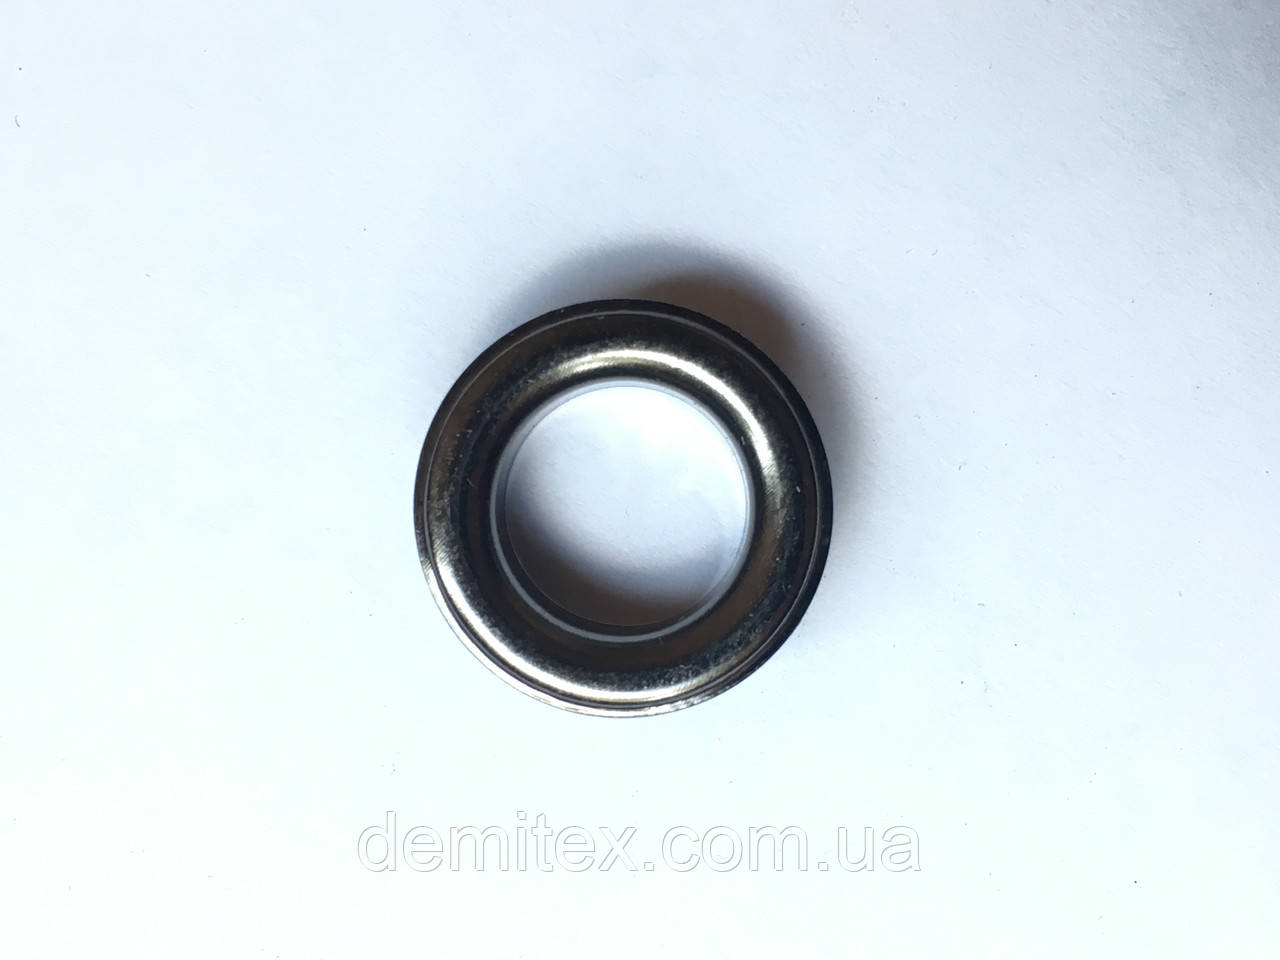 Люверс з шайбою чорний нікель 14 мм